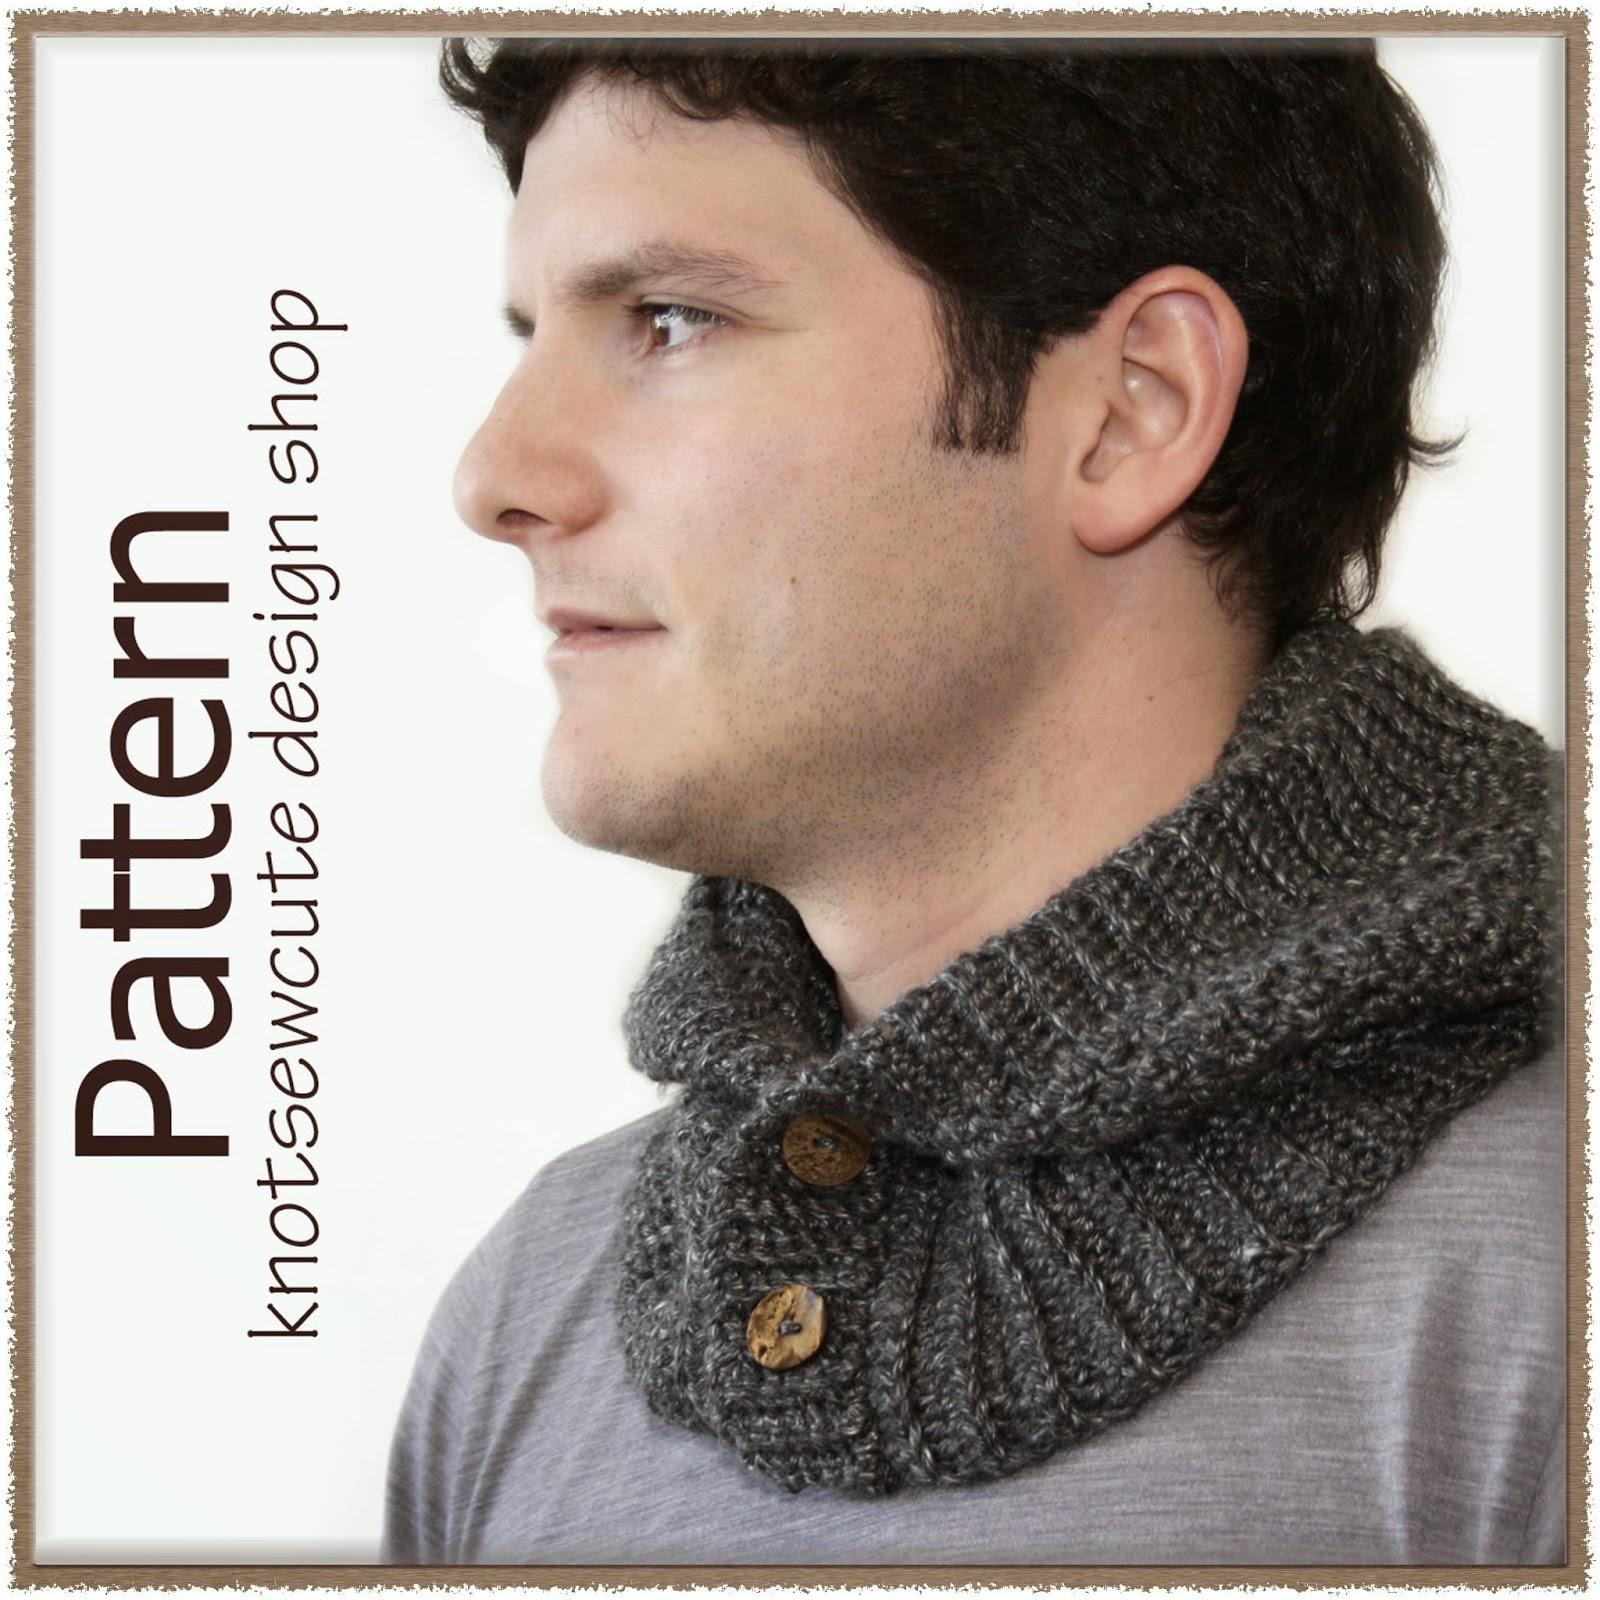 http://www.ravelry.com/patterns/library/boyfriend-hood